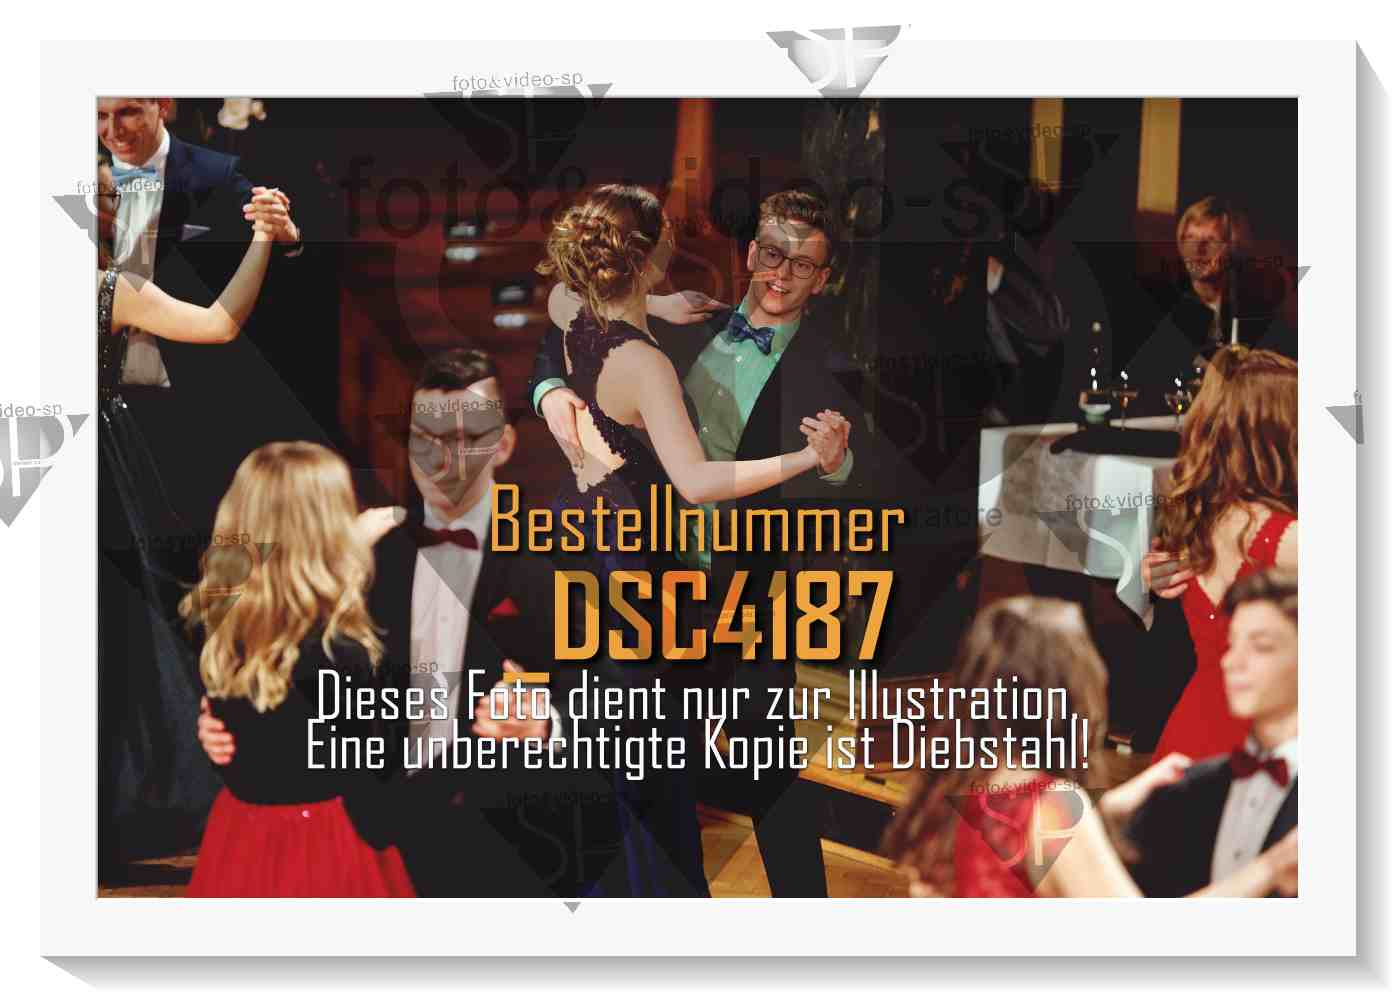 DSC4187